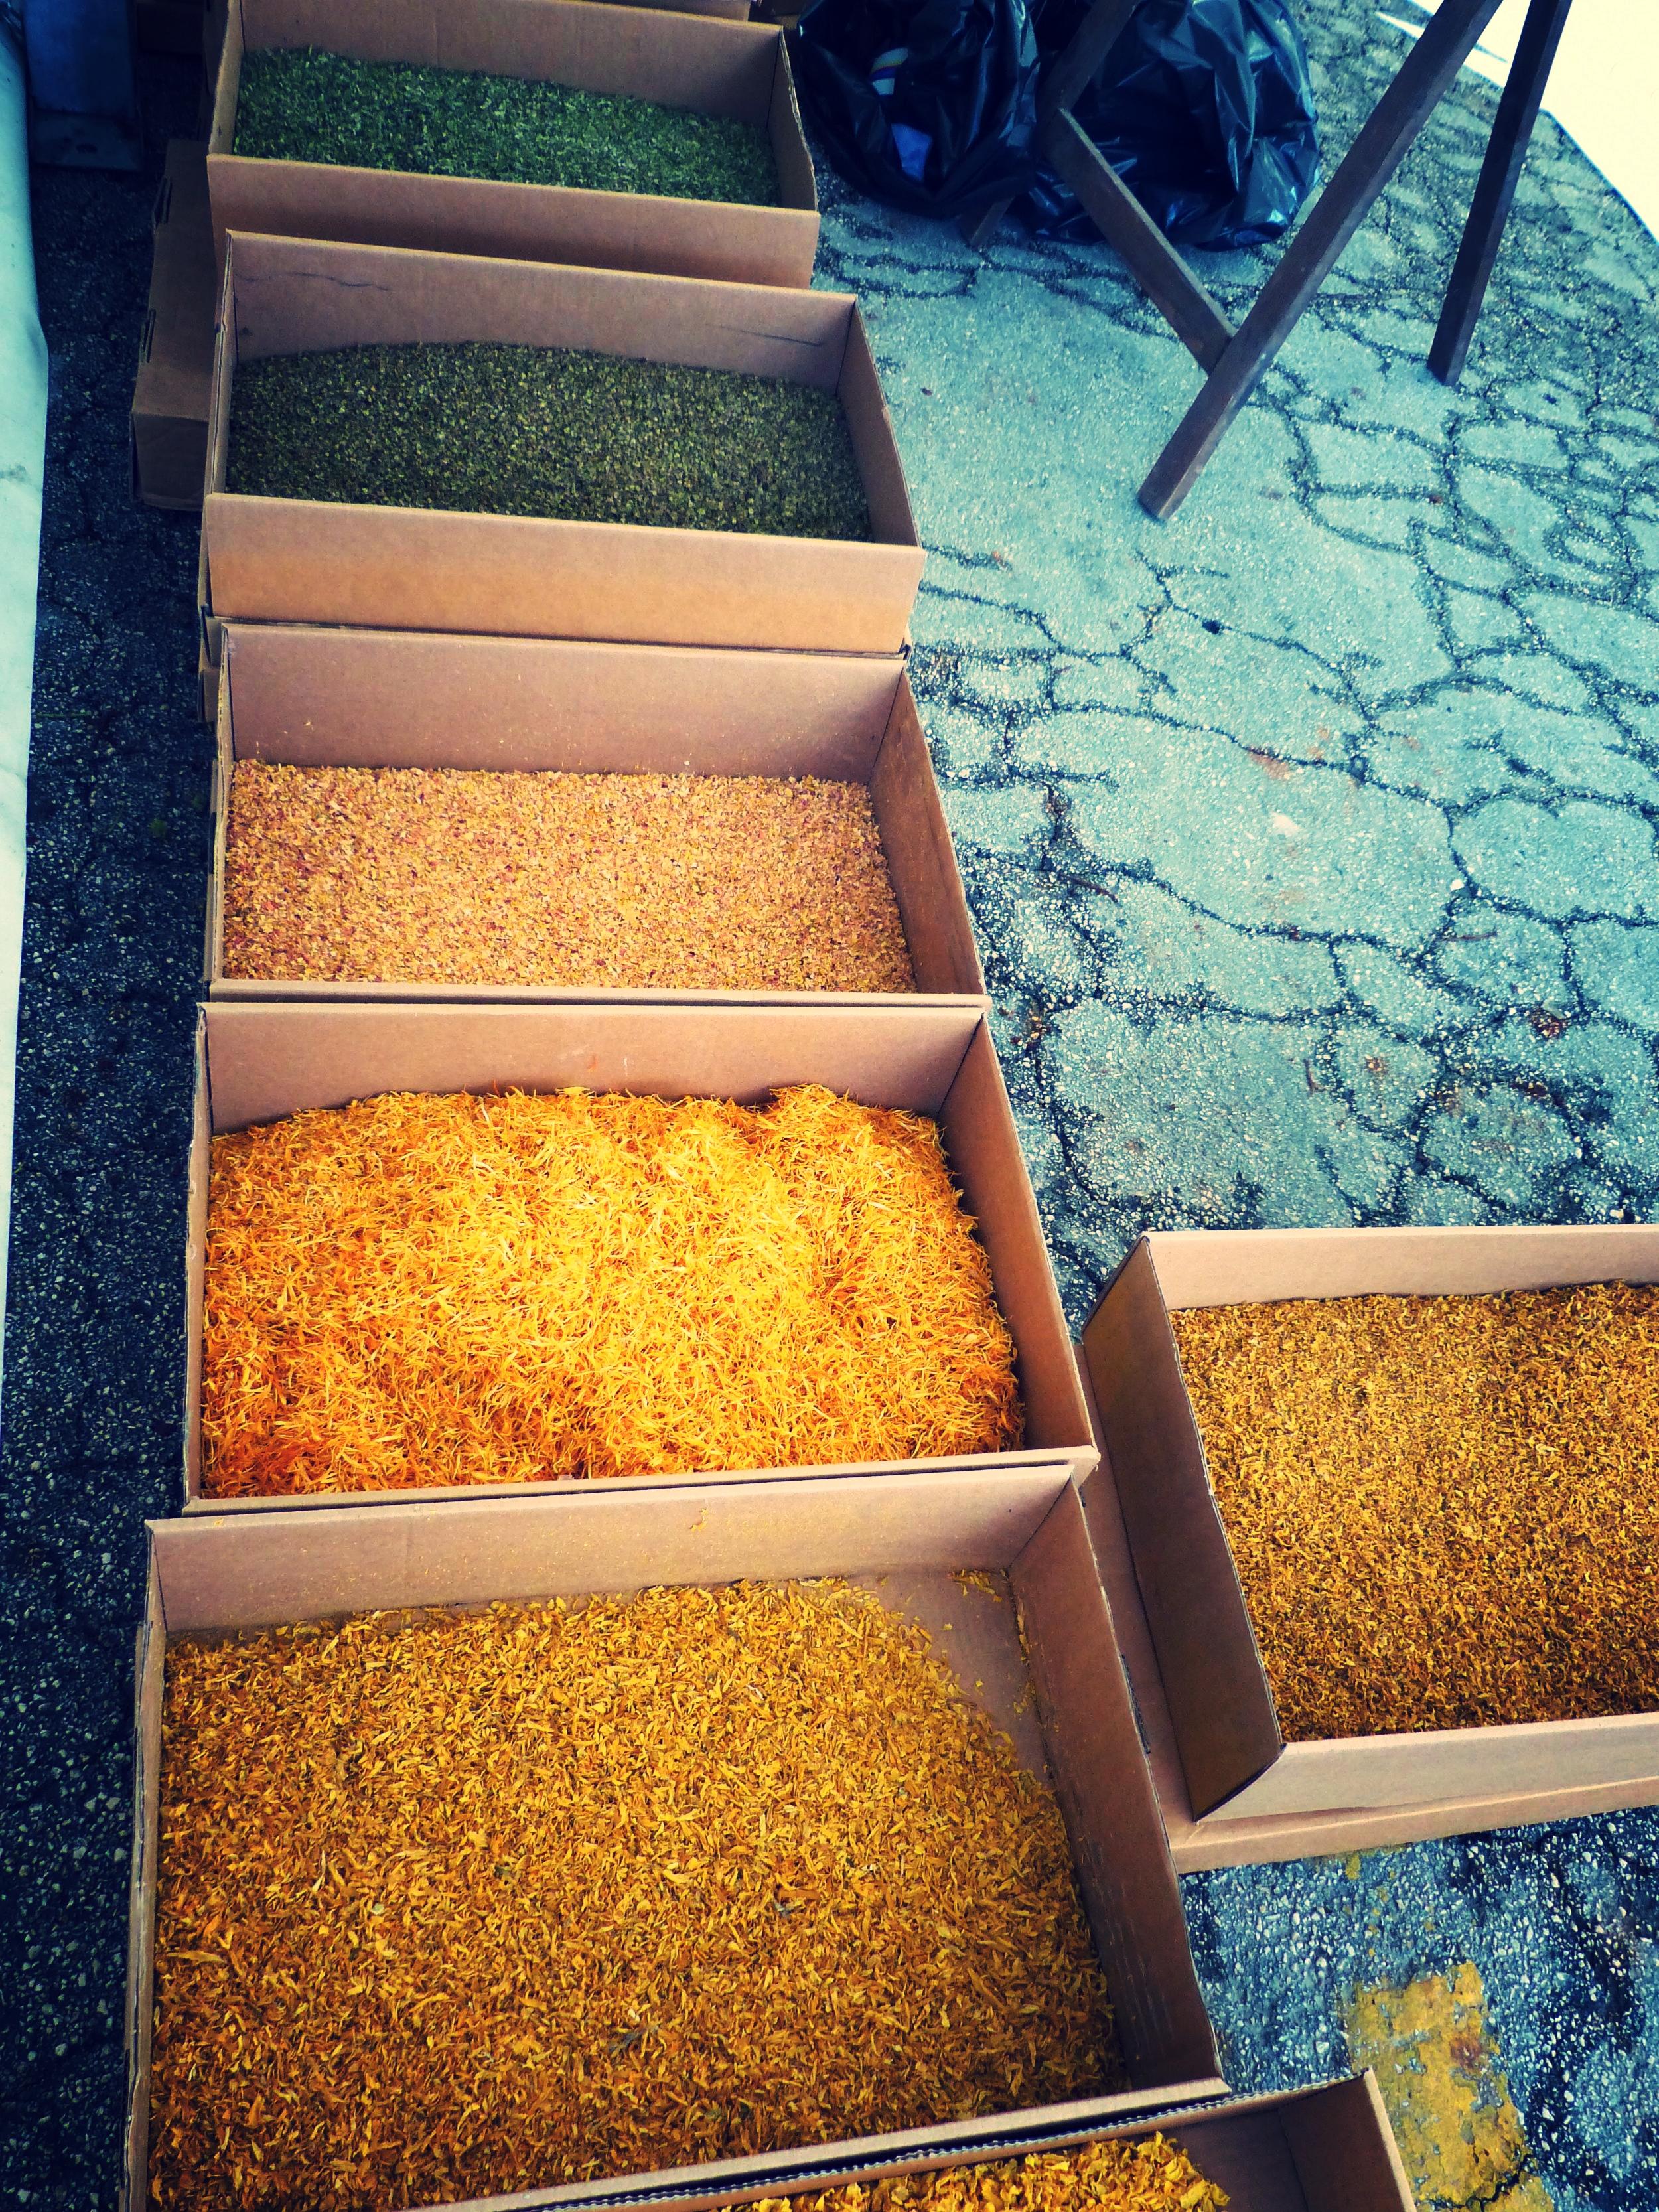 Petals ready for Infiorata in Spello, Umbria